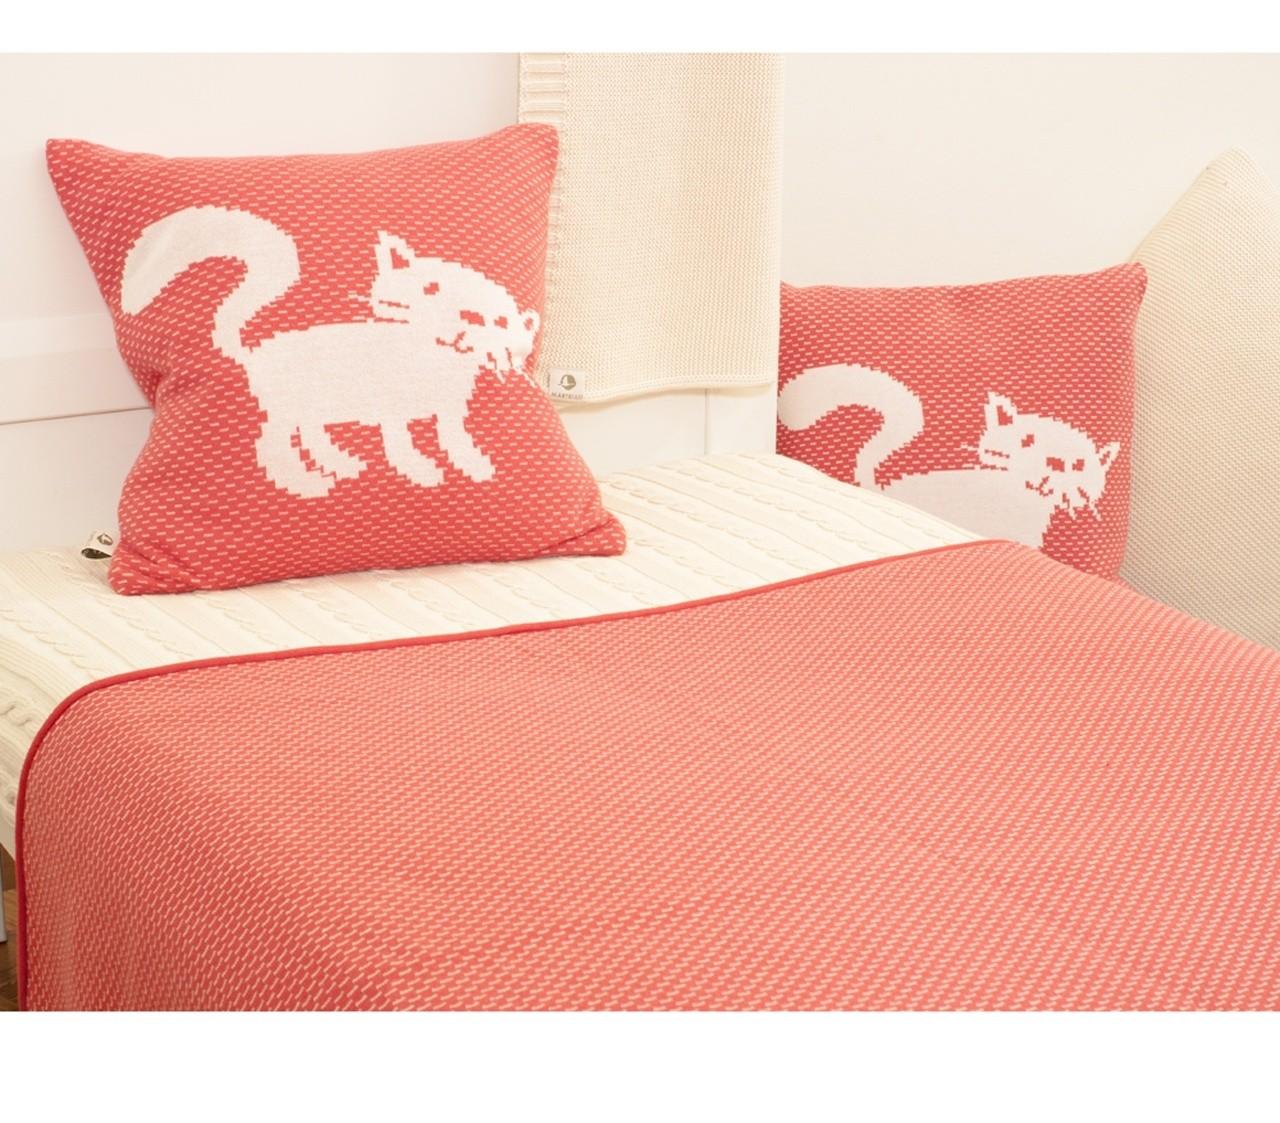 wendedecke und kissen mit katze biobaumwolle kba mandarine. Black Bedroom Furniture Sets. Home Design Ideas